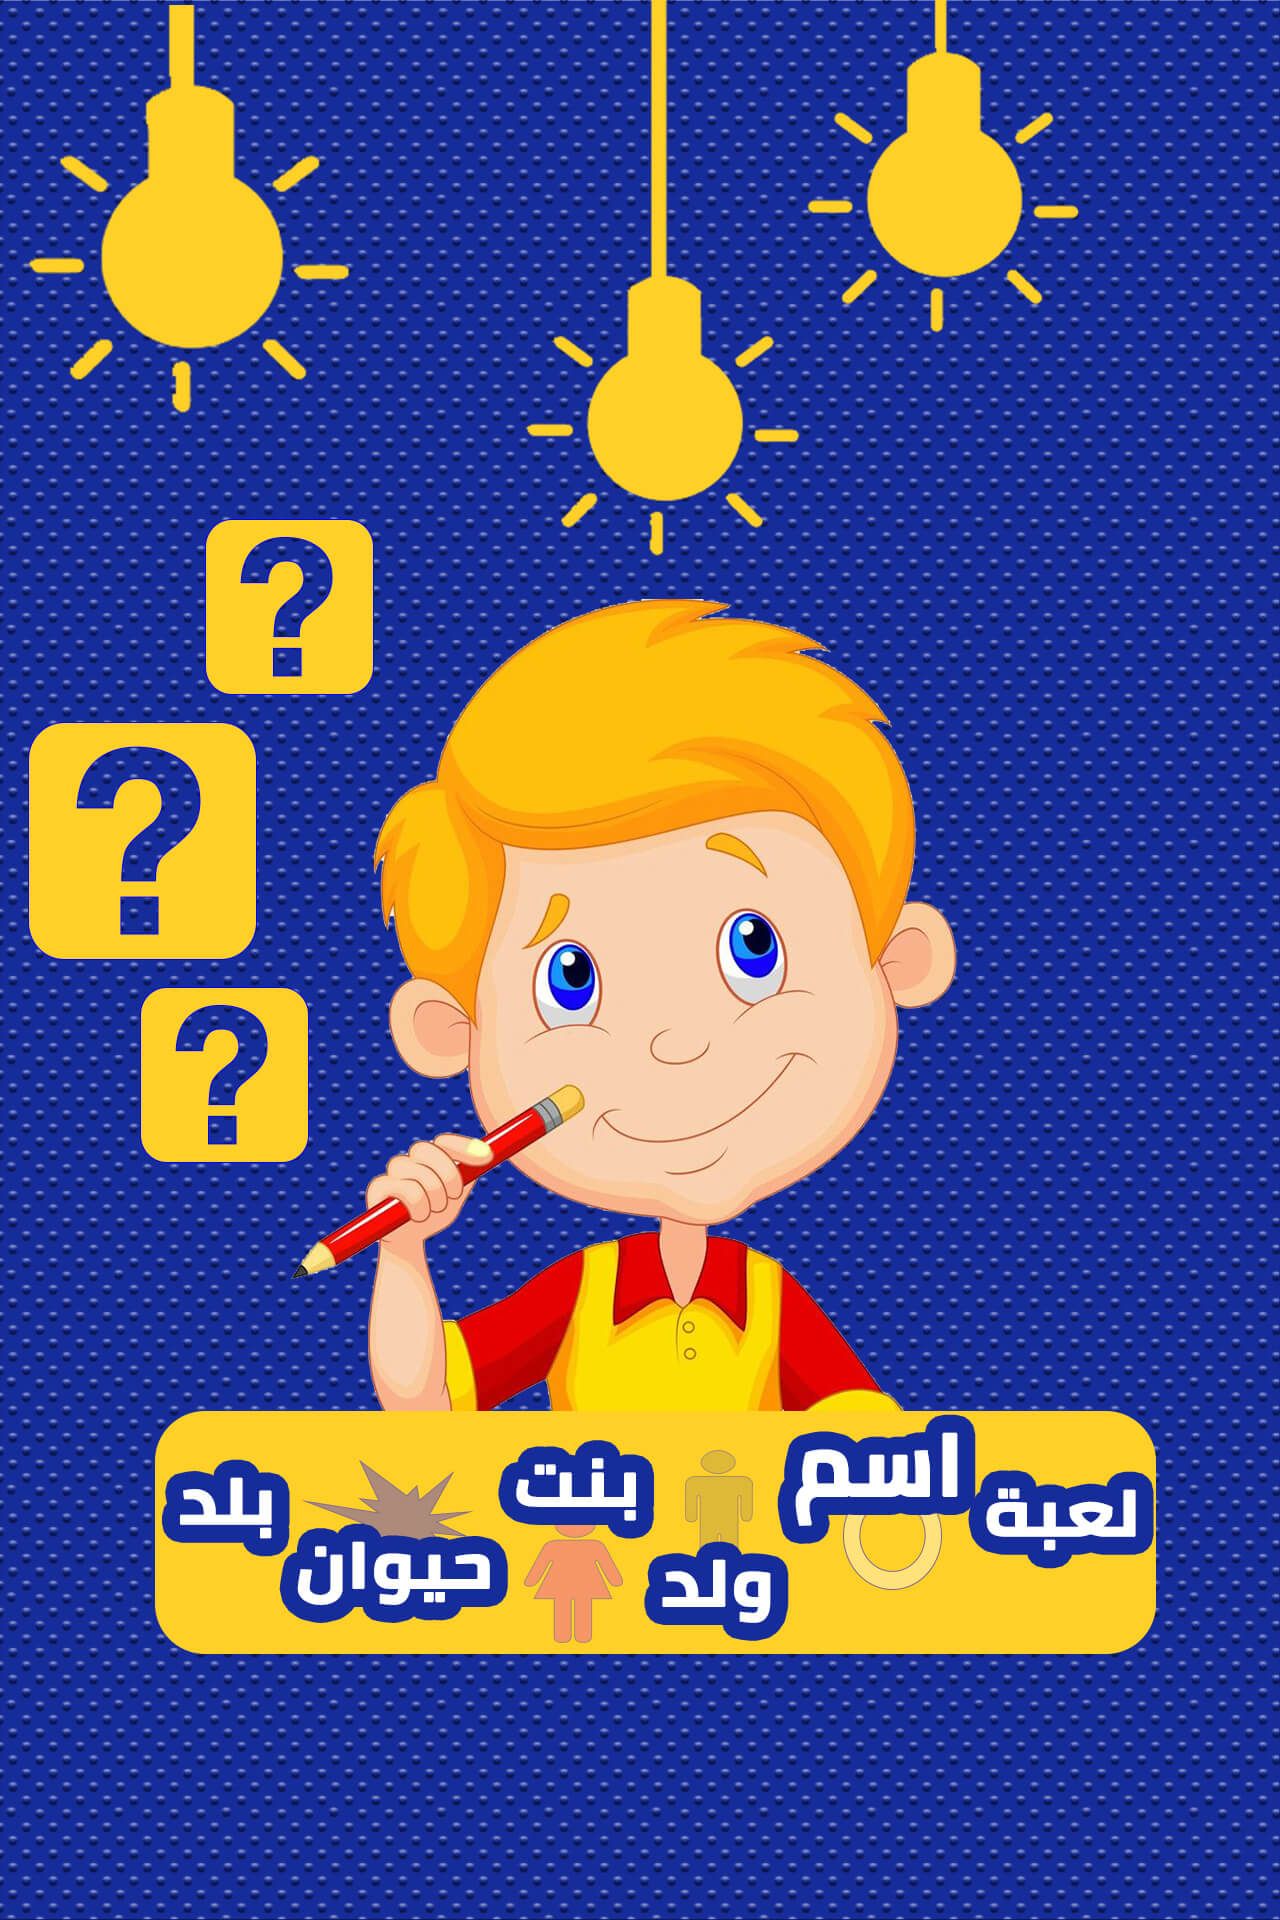 لعبة كلمة السر | إسم ولد / بنت / حيوان / بلد